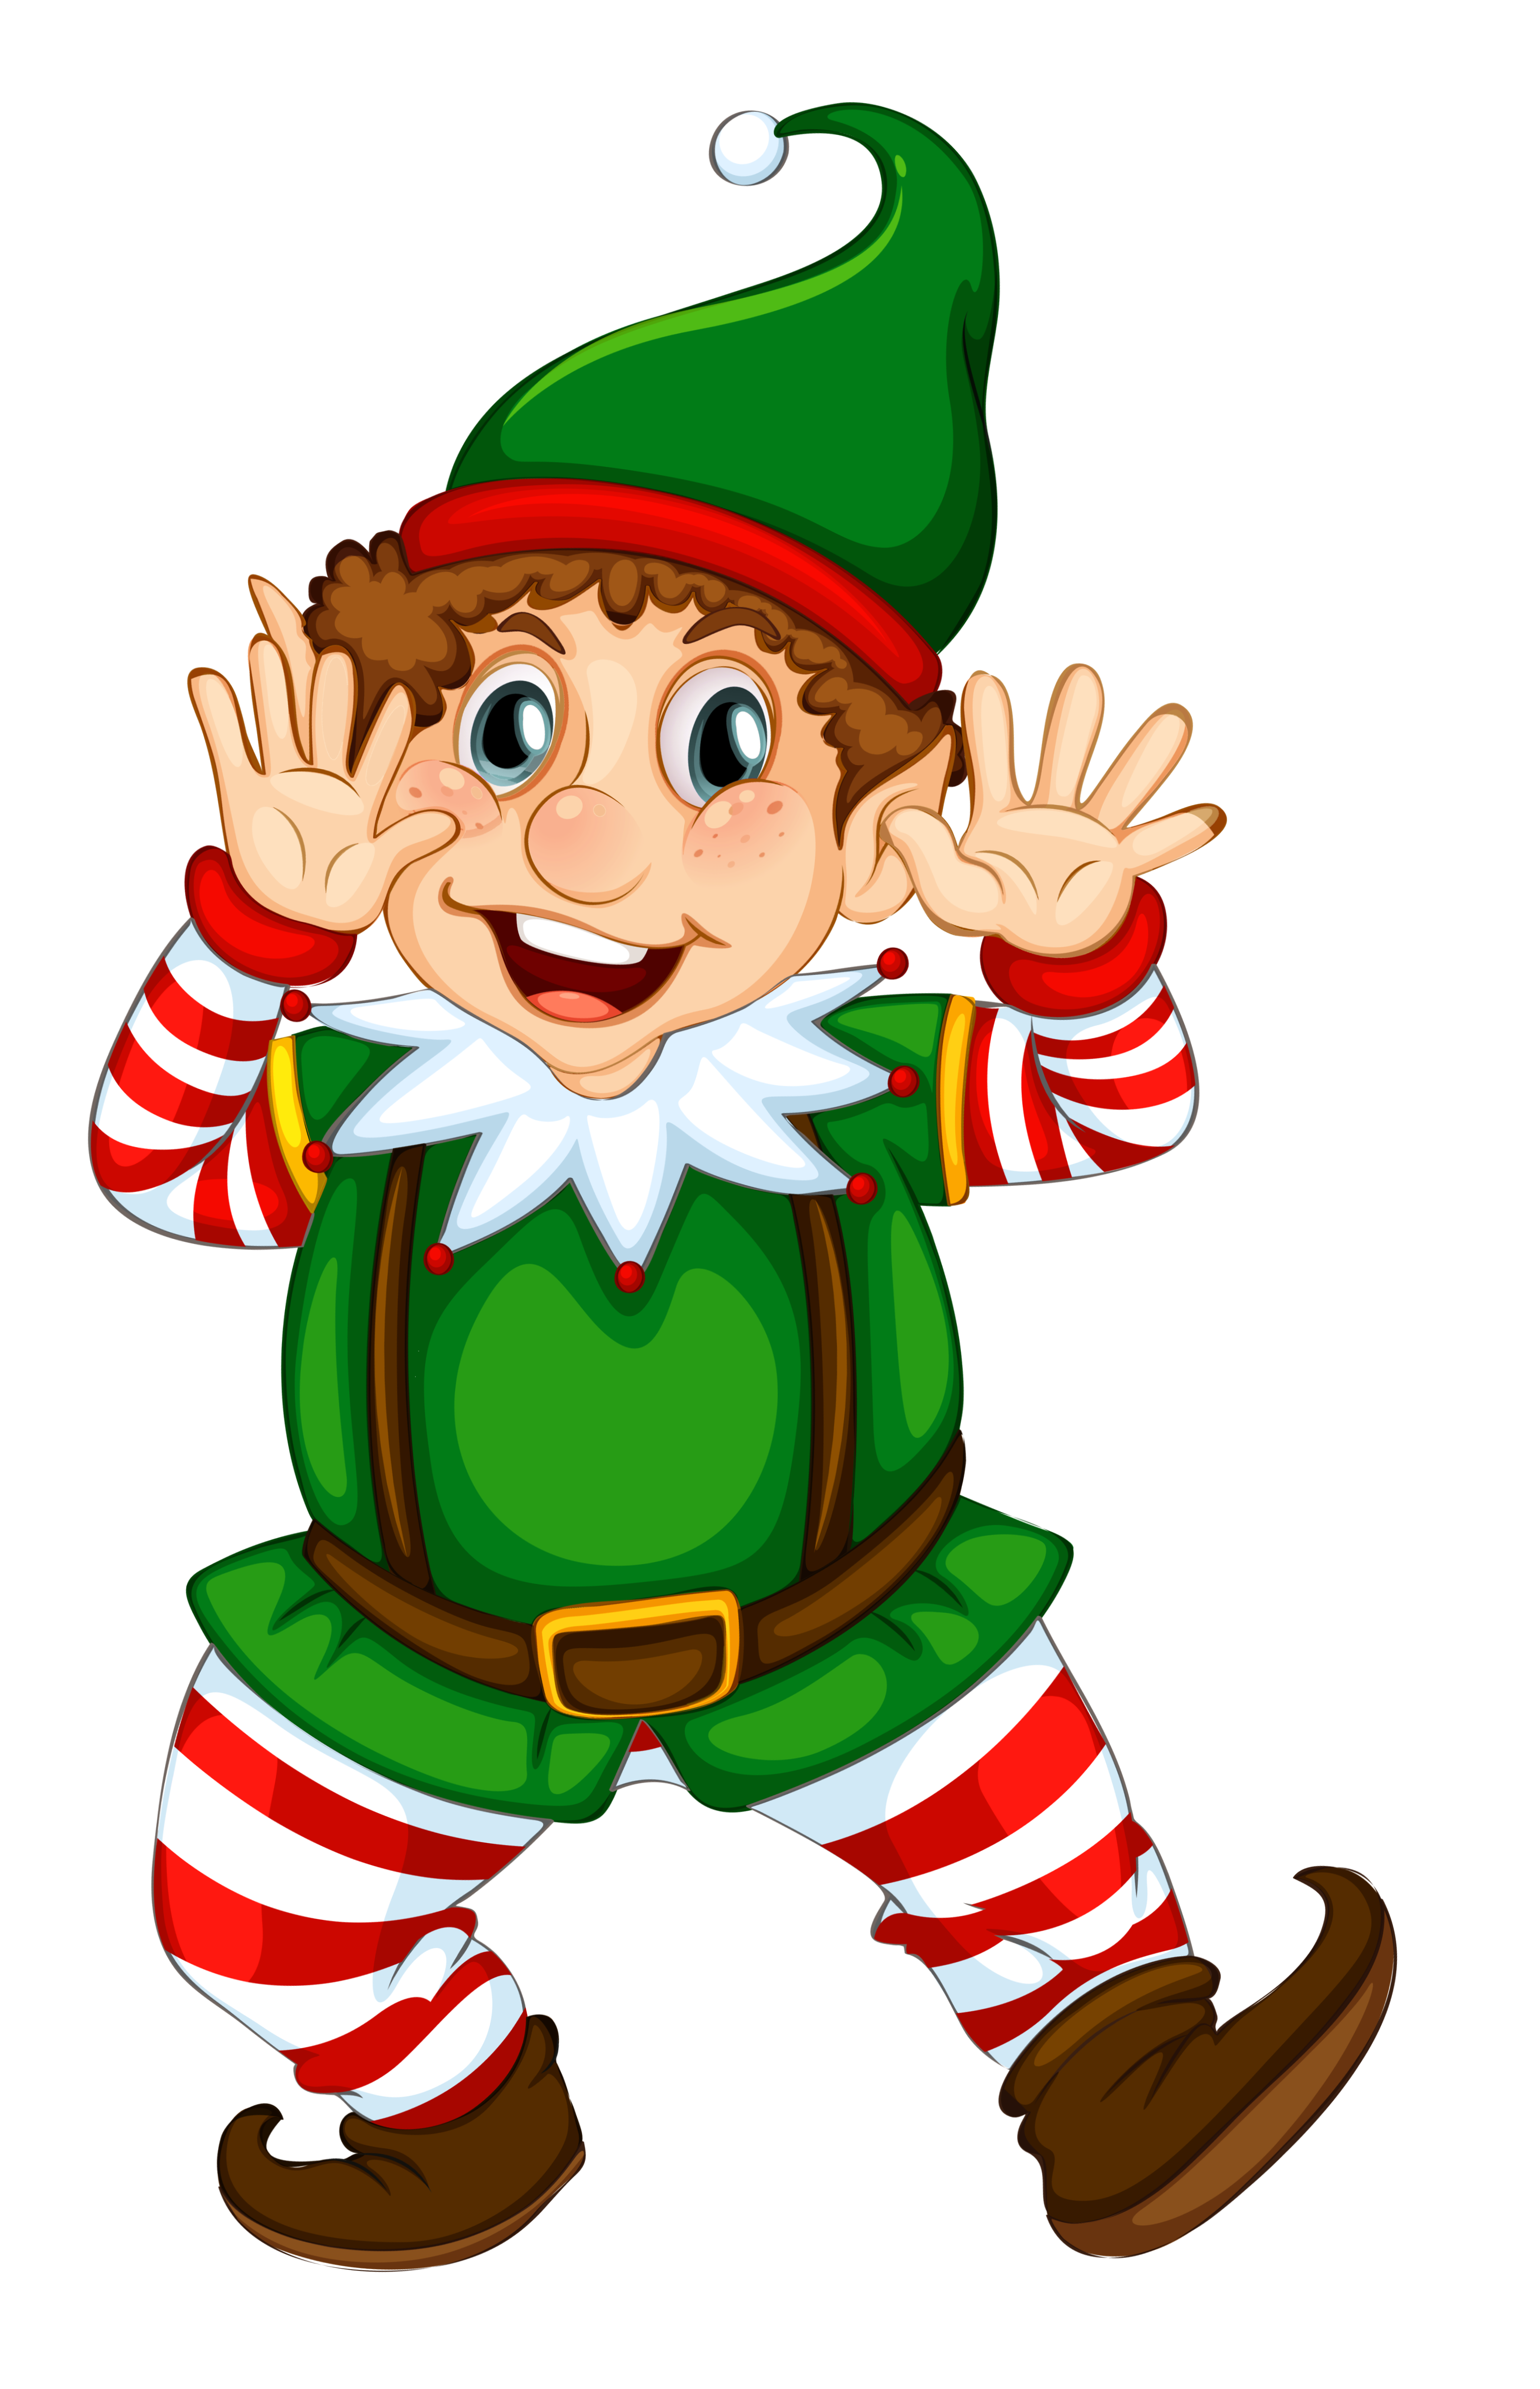 Transparent_Christmas_Elf.png?m=1416330360 Christmas elf